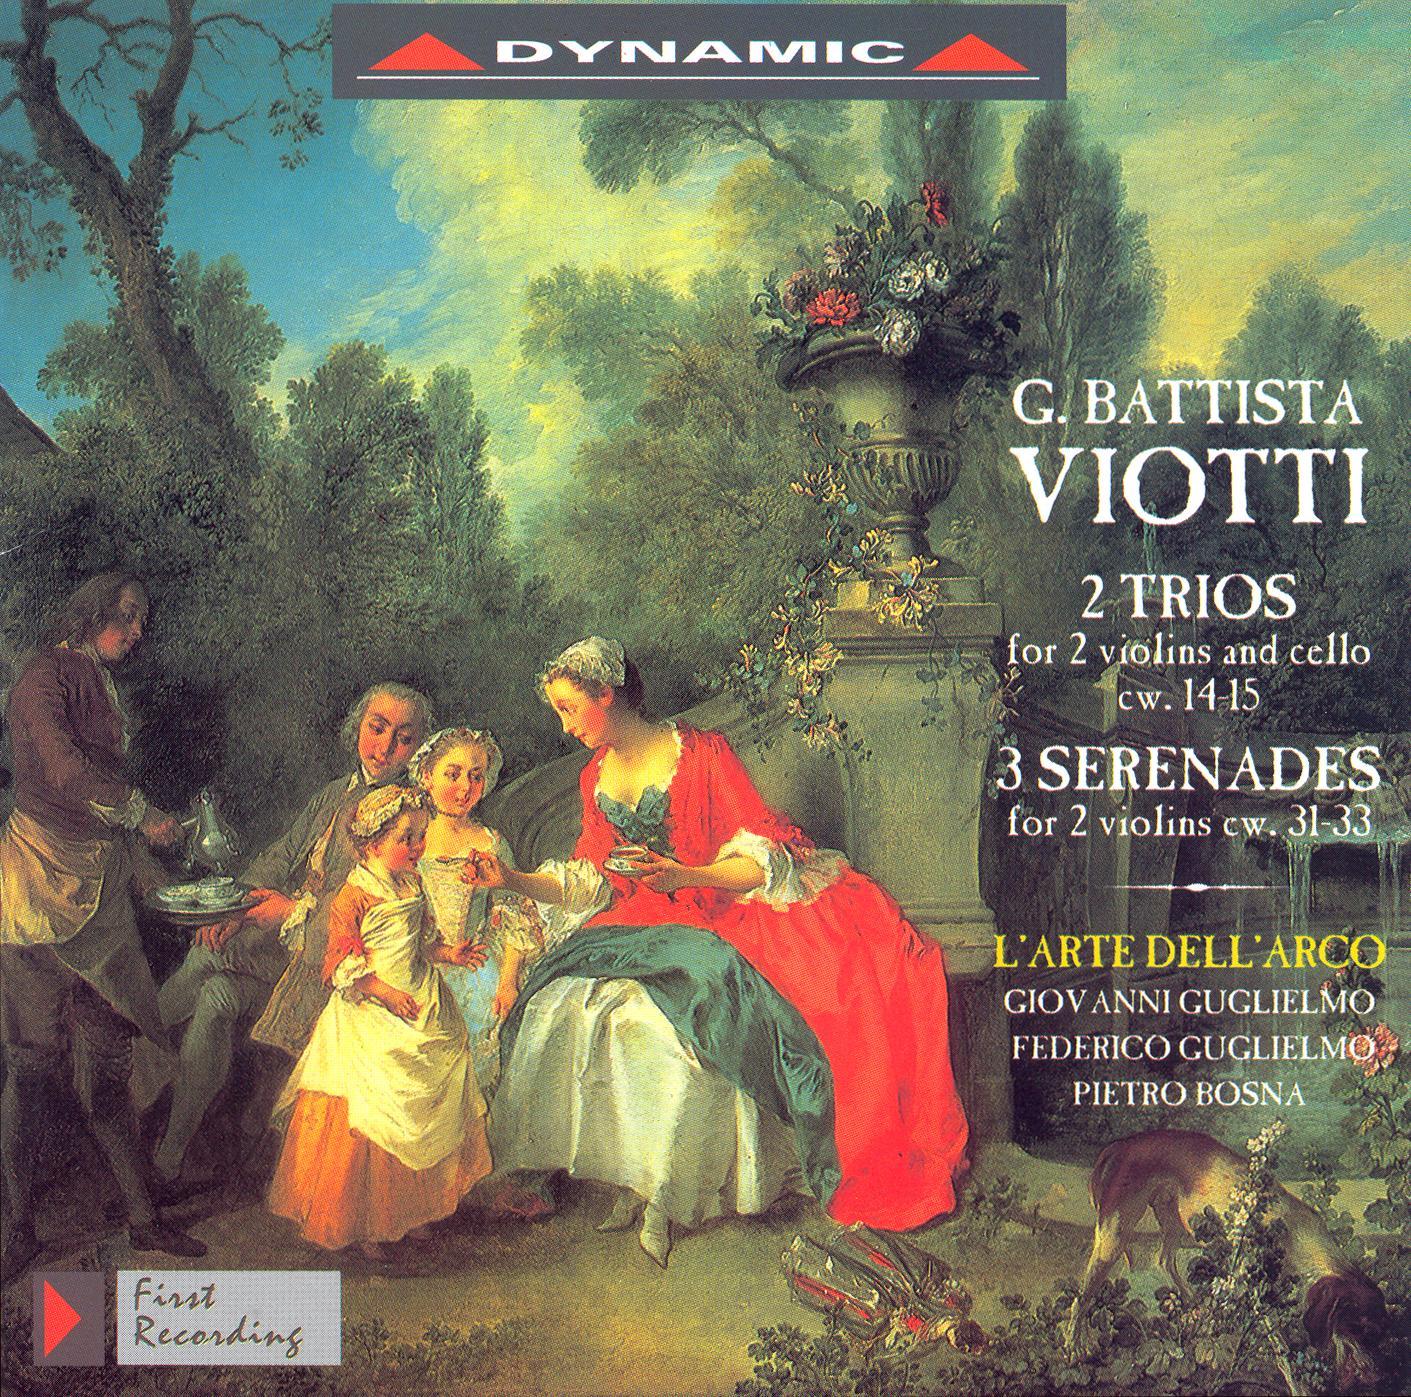 Viotti: Trio Nos. 14 and 15 - Serenades in A Major - D Major - G Major